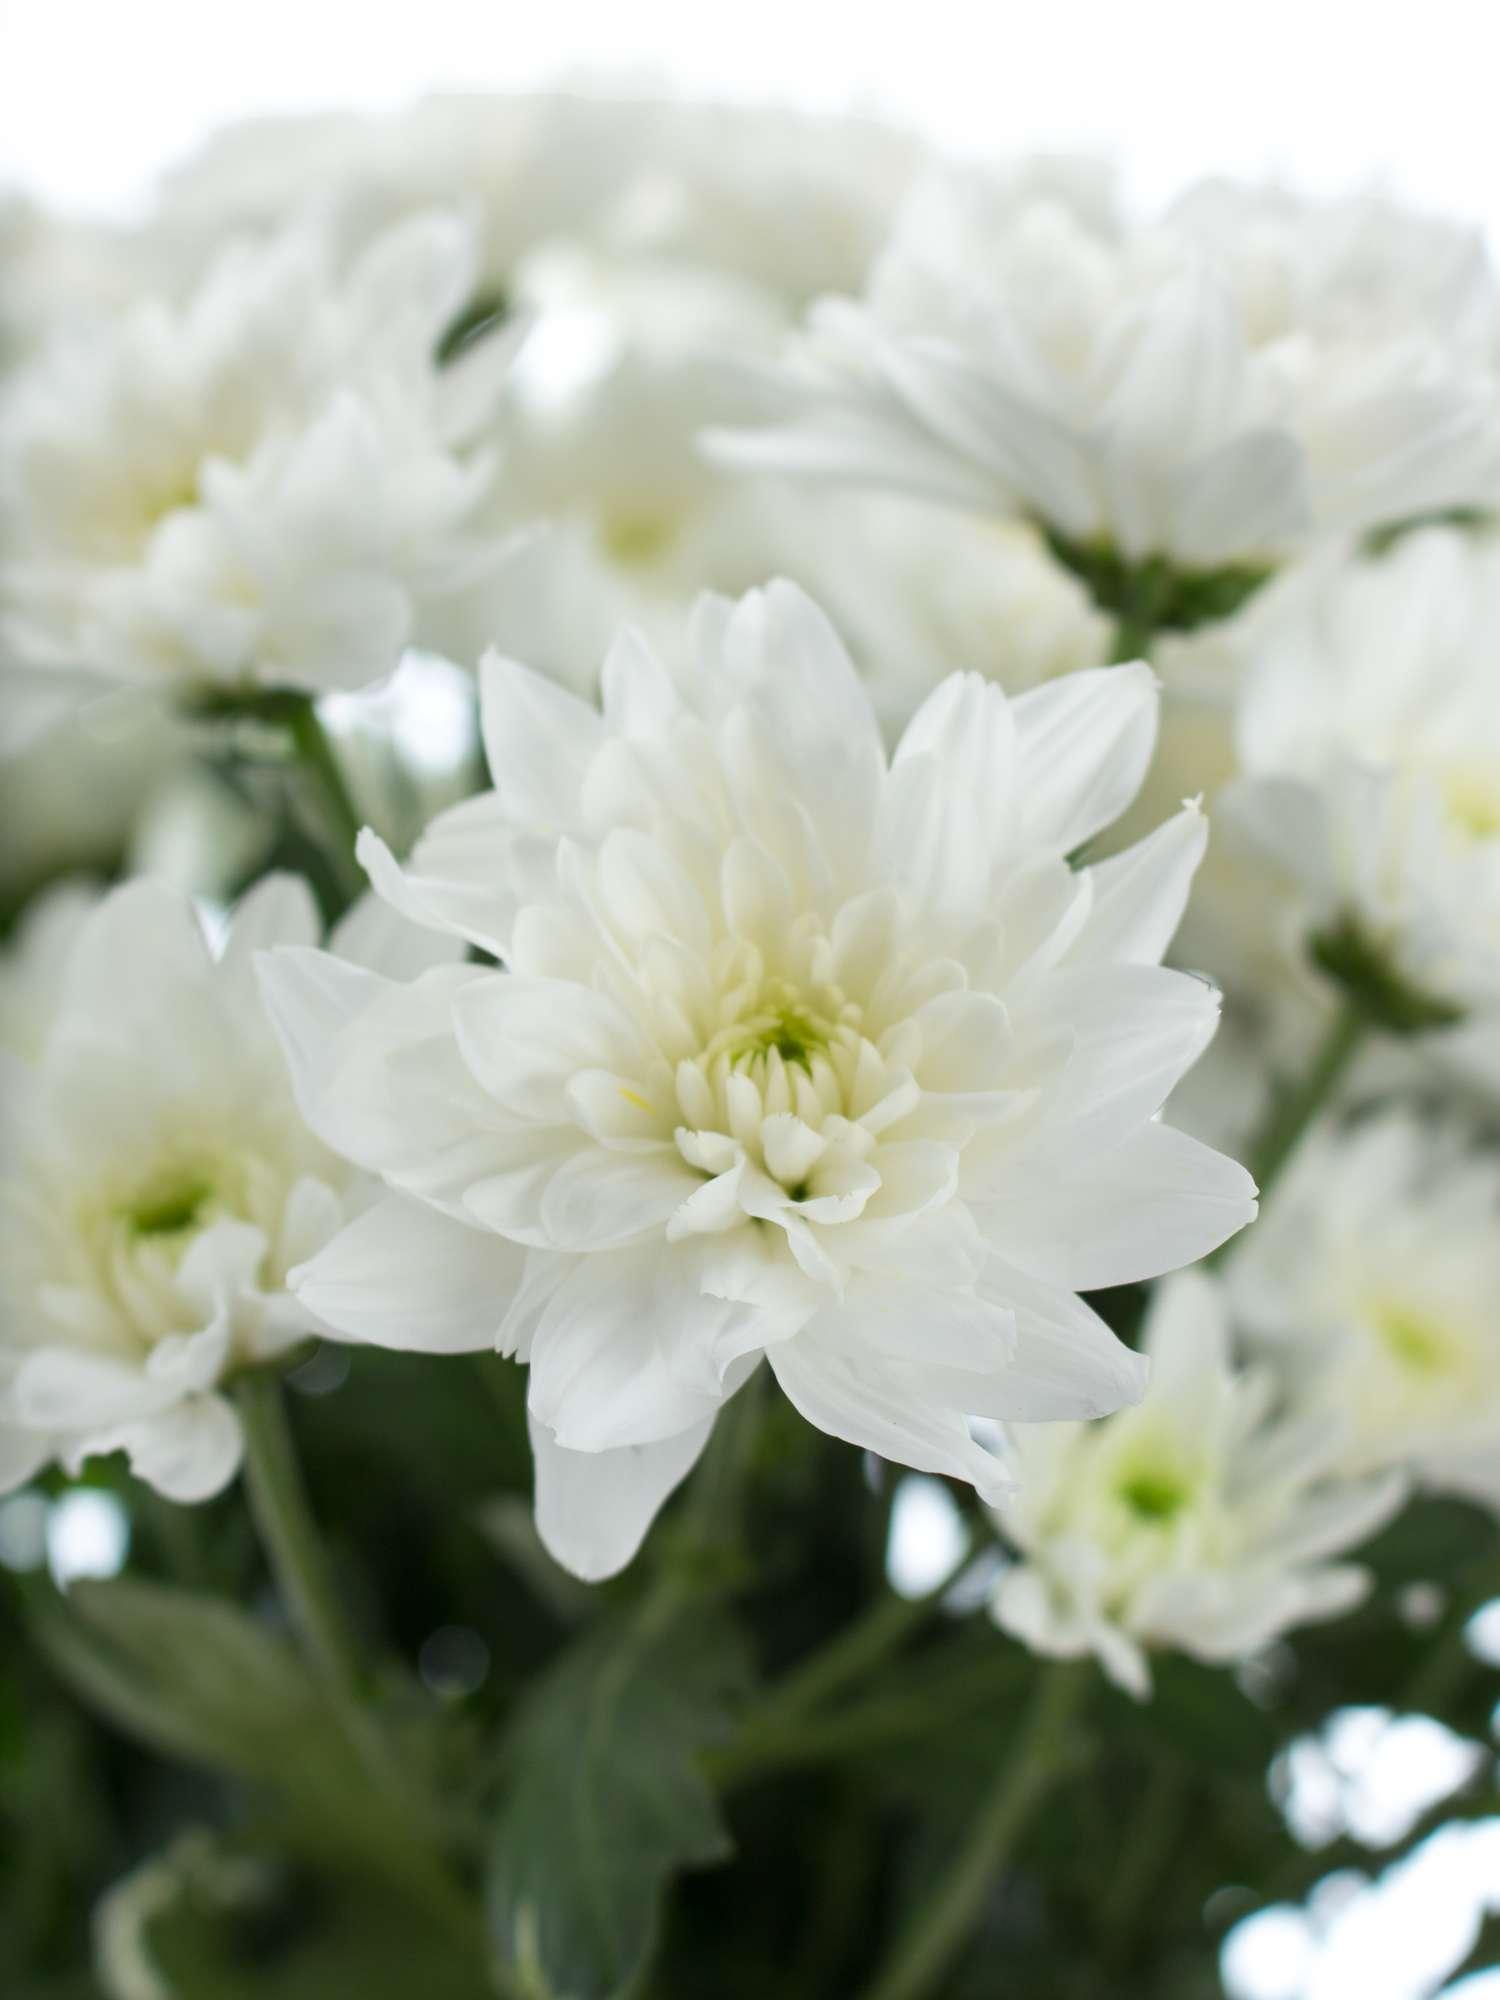 chrysanthemen verzweigt baltica wei bestellen blumigo. Black Bedroom Furniture Sets. Home Design Ideas